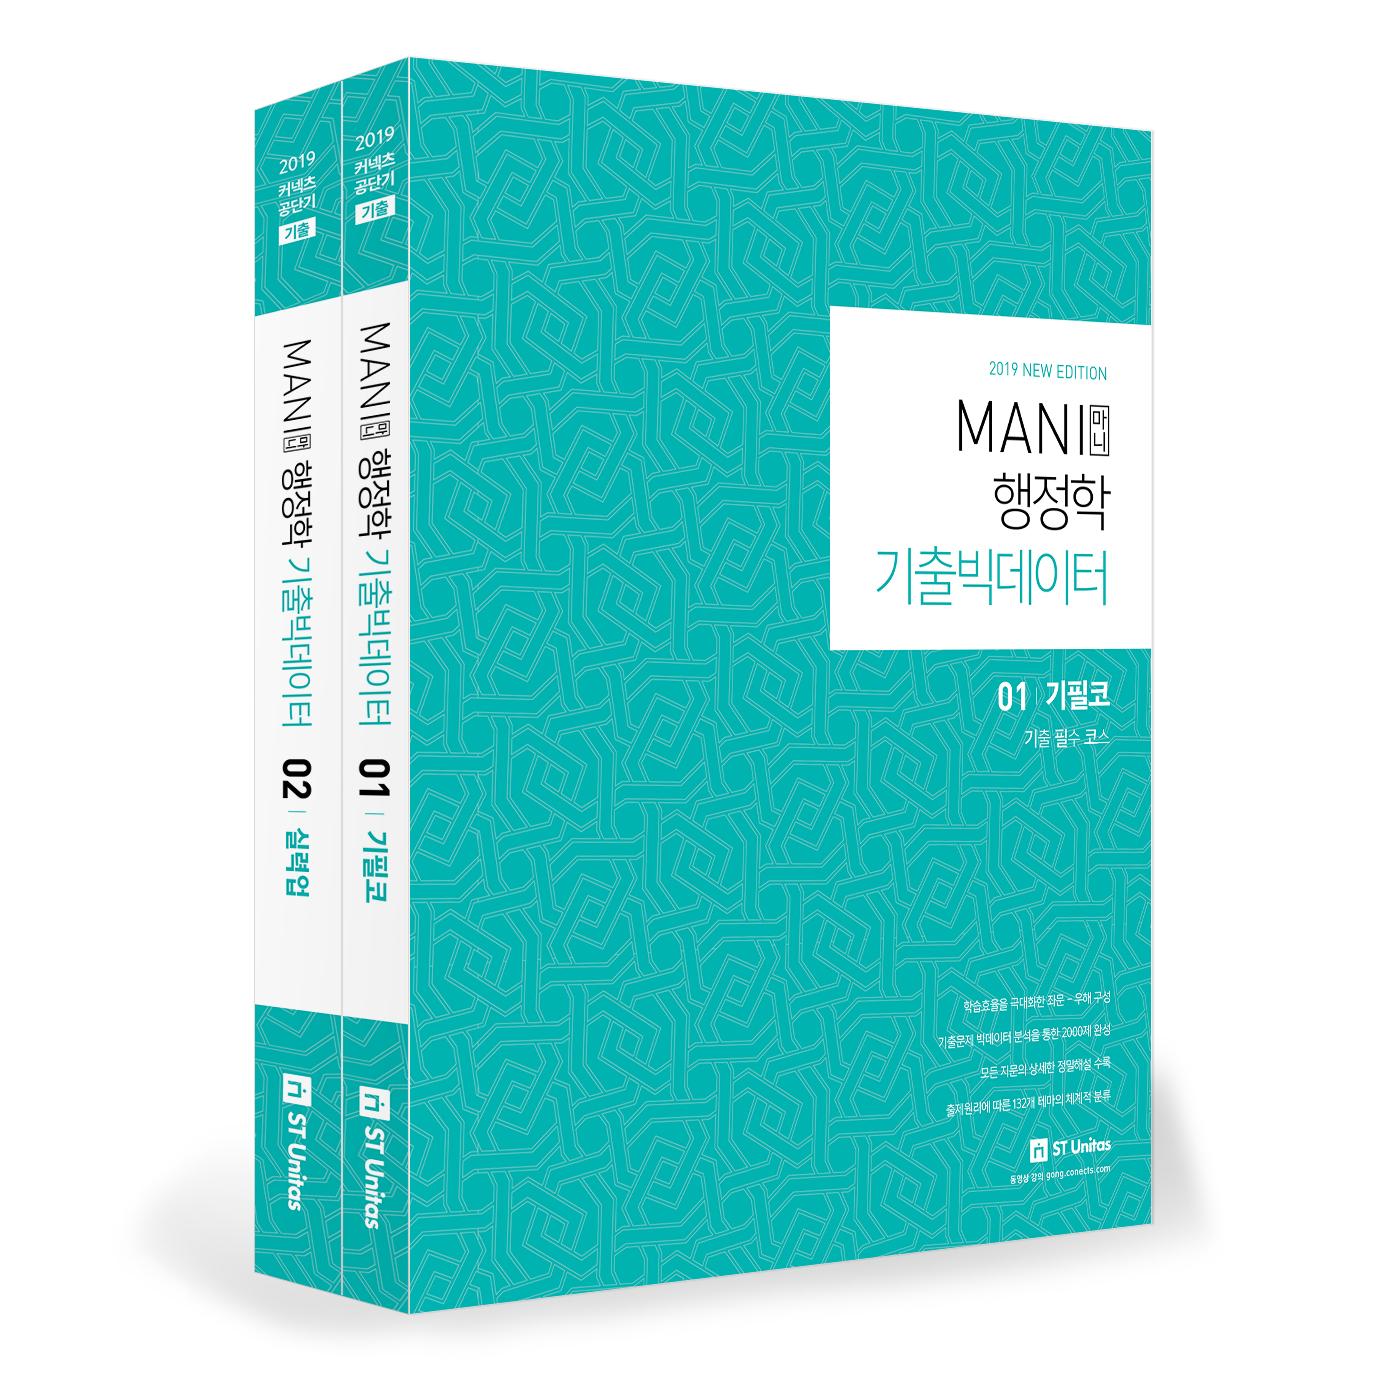 2019 마니 행정학 기출빅데이터(전2권)